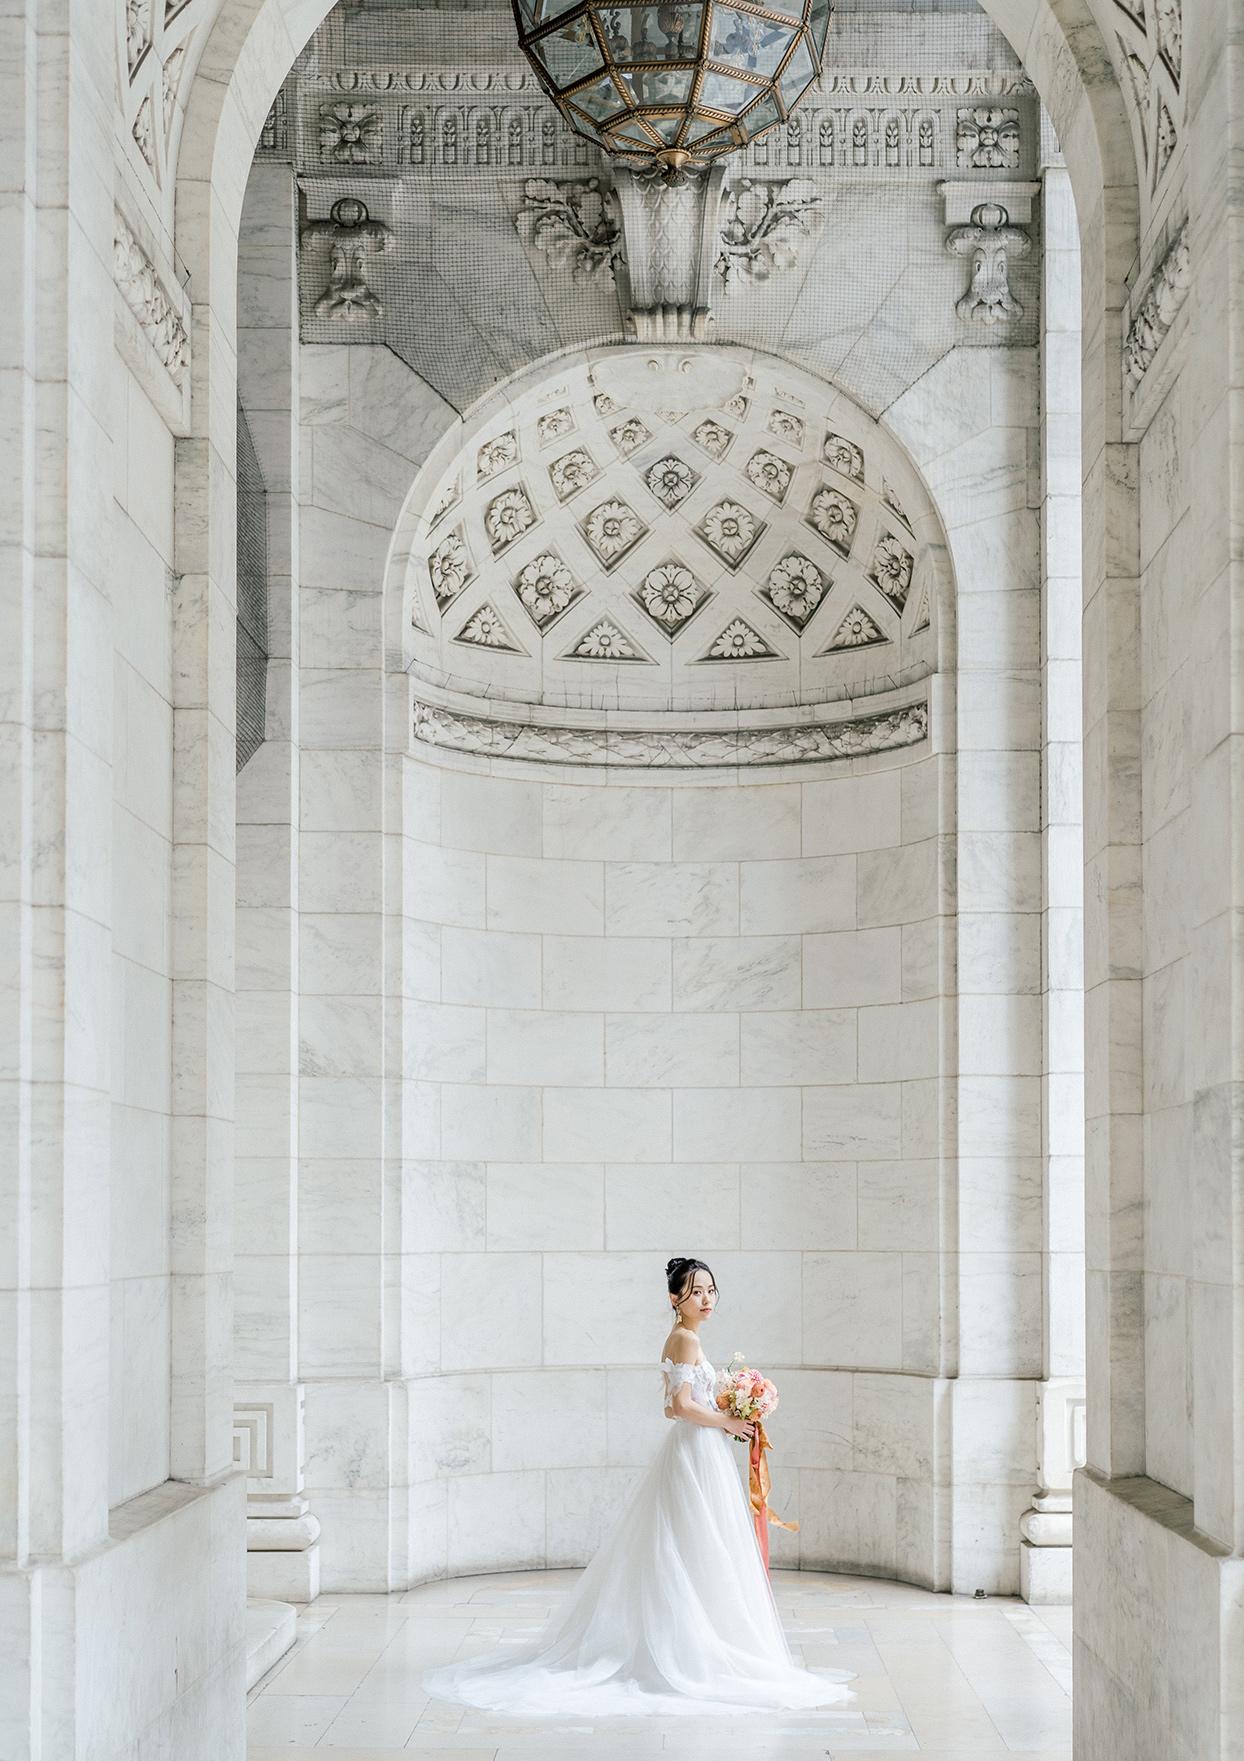 bride posing in new york public library